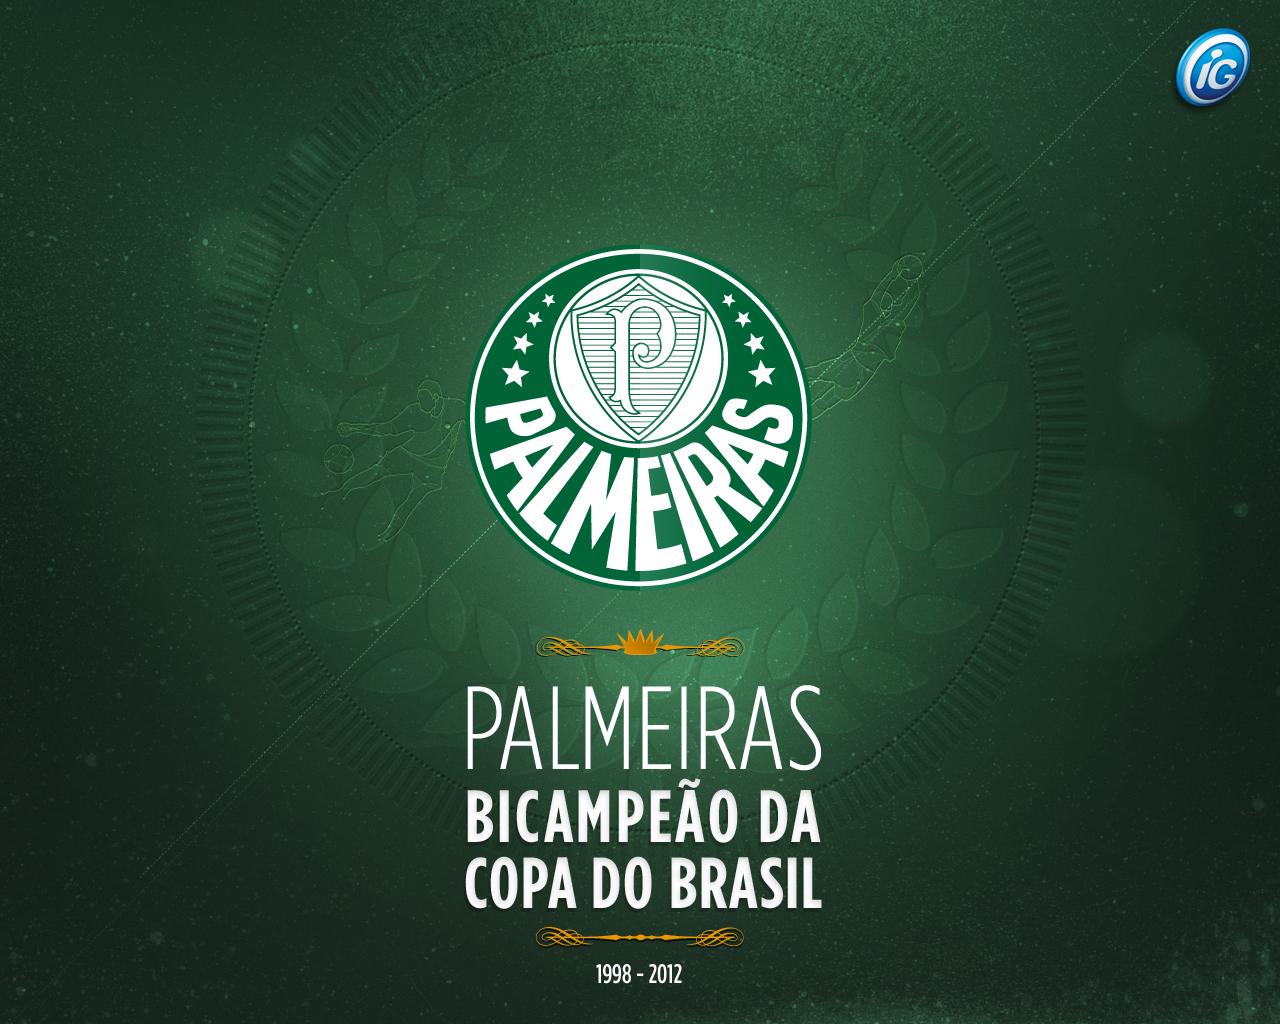 Wallpaper: Palmeiras Campeão da Copa do Brasil 2012 - 03